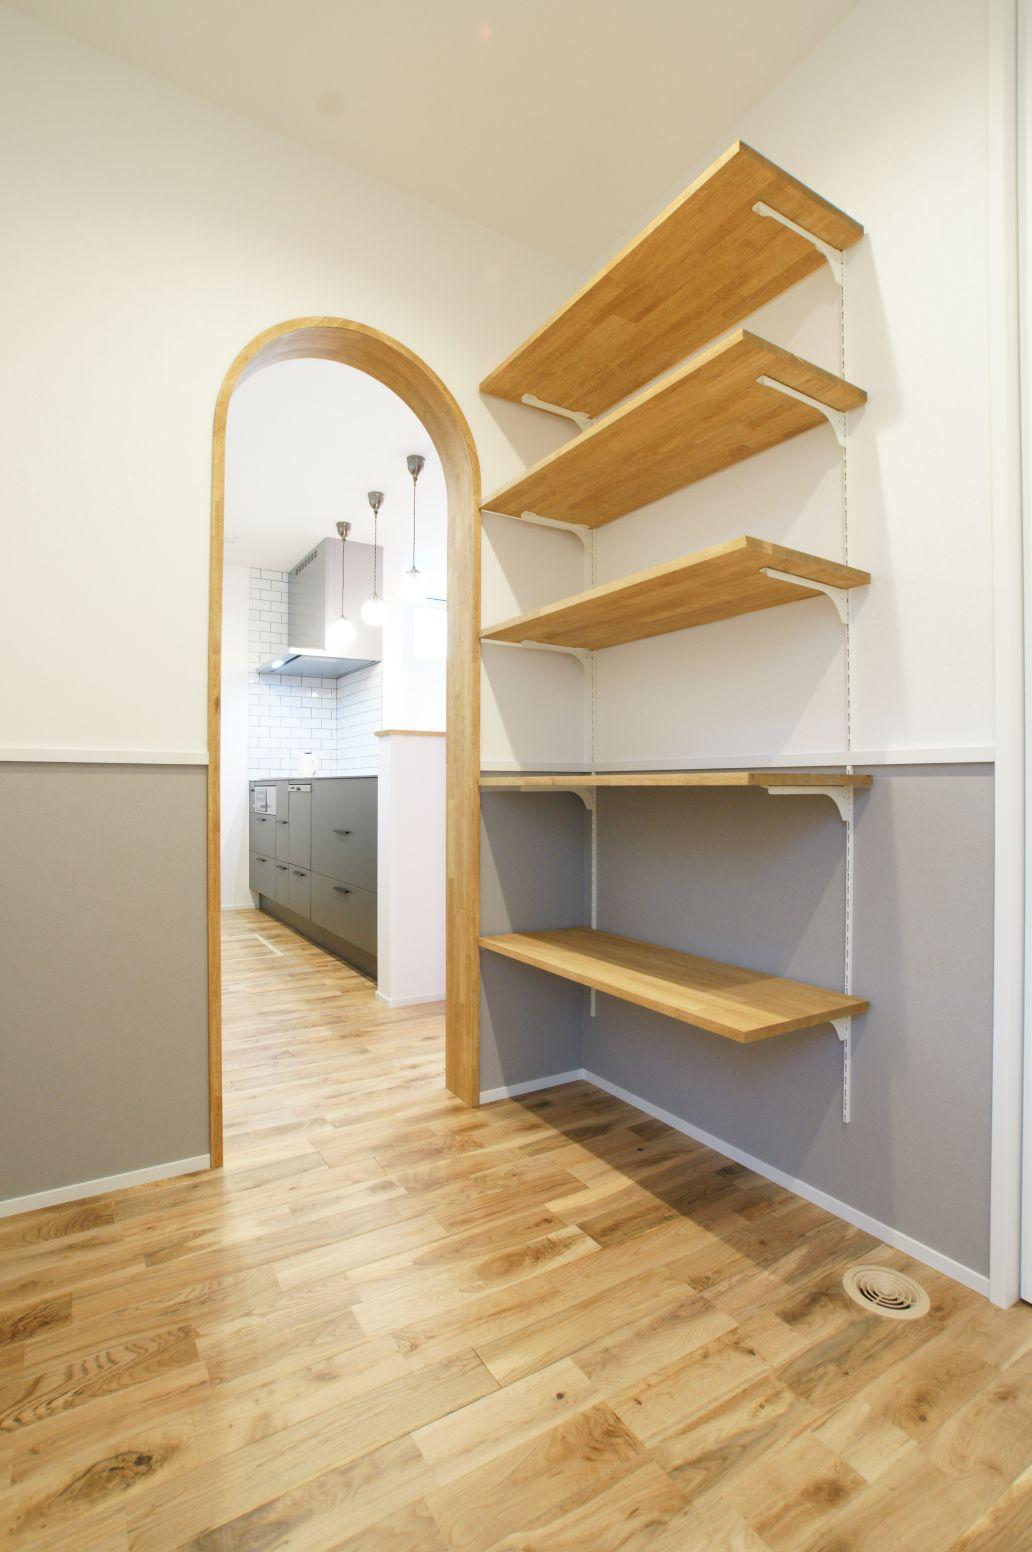 RIKYU (リキュー)【デザイン住宅、間取り、インテリア】アーチ型の造作などセンスの良さが光る